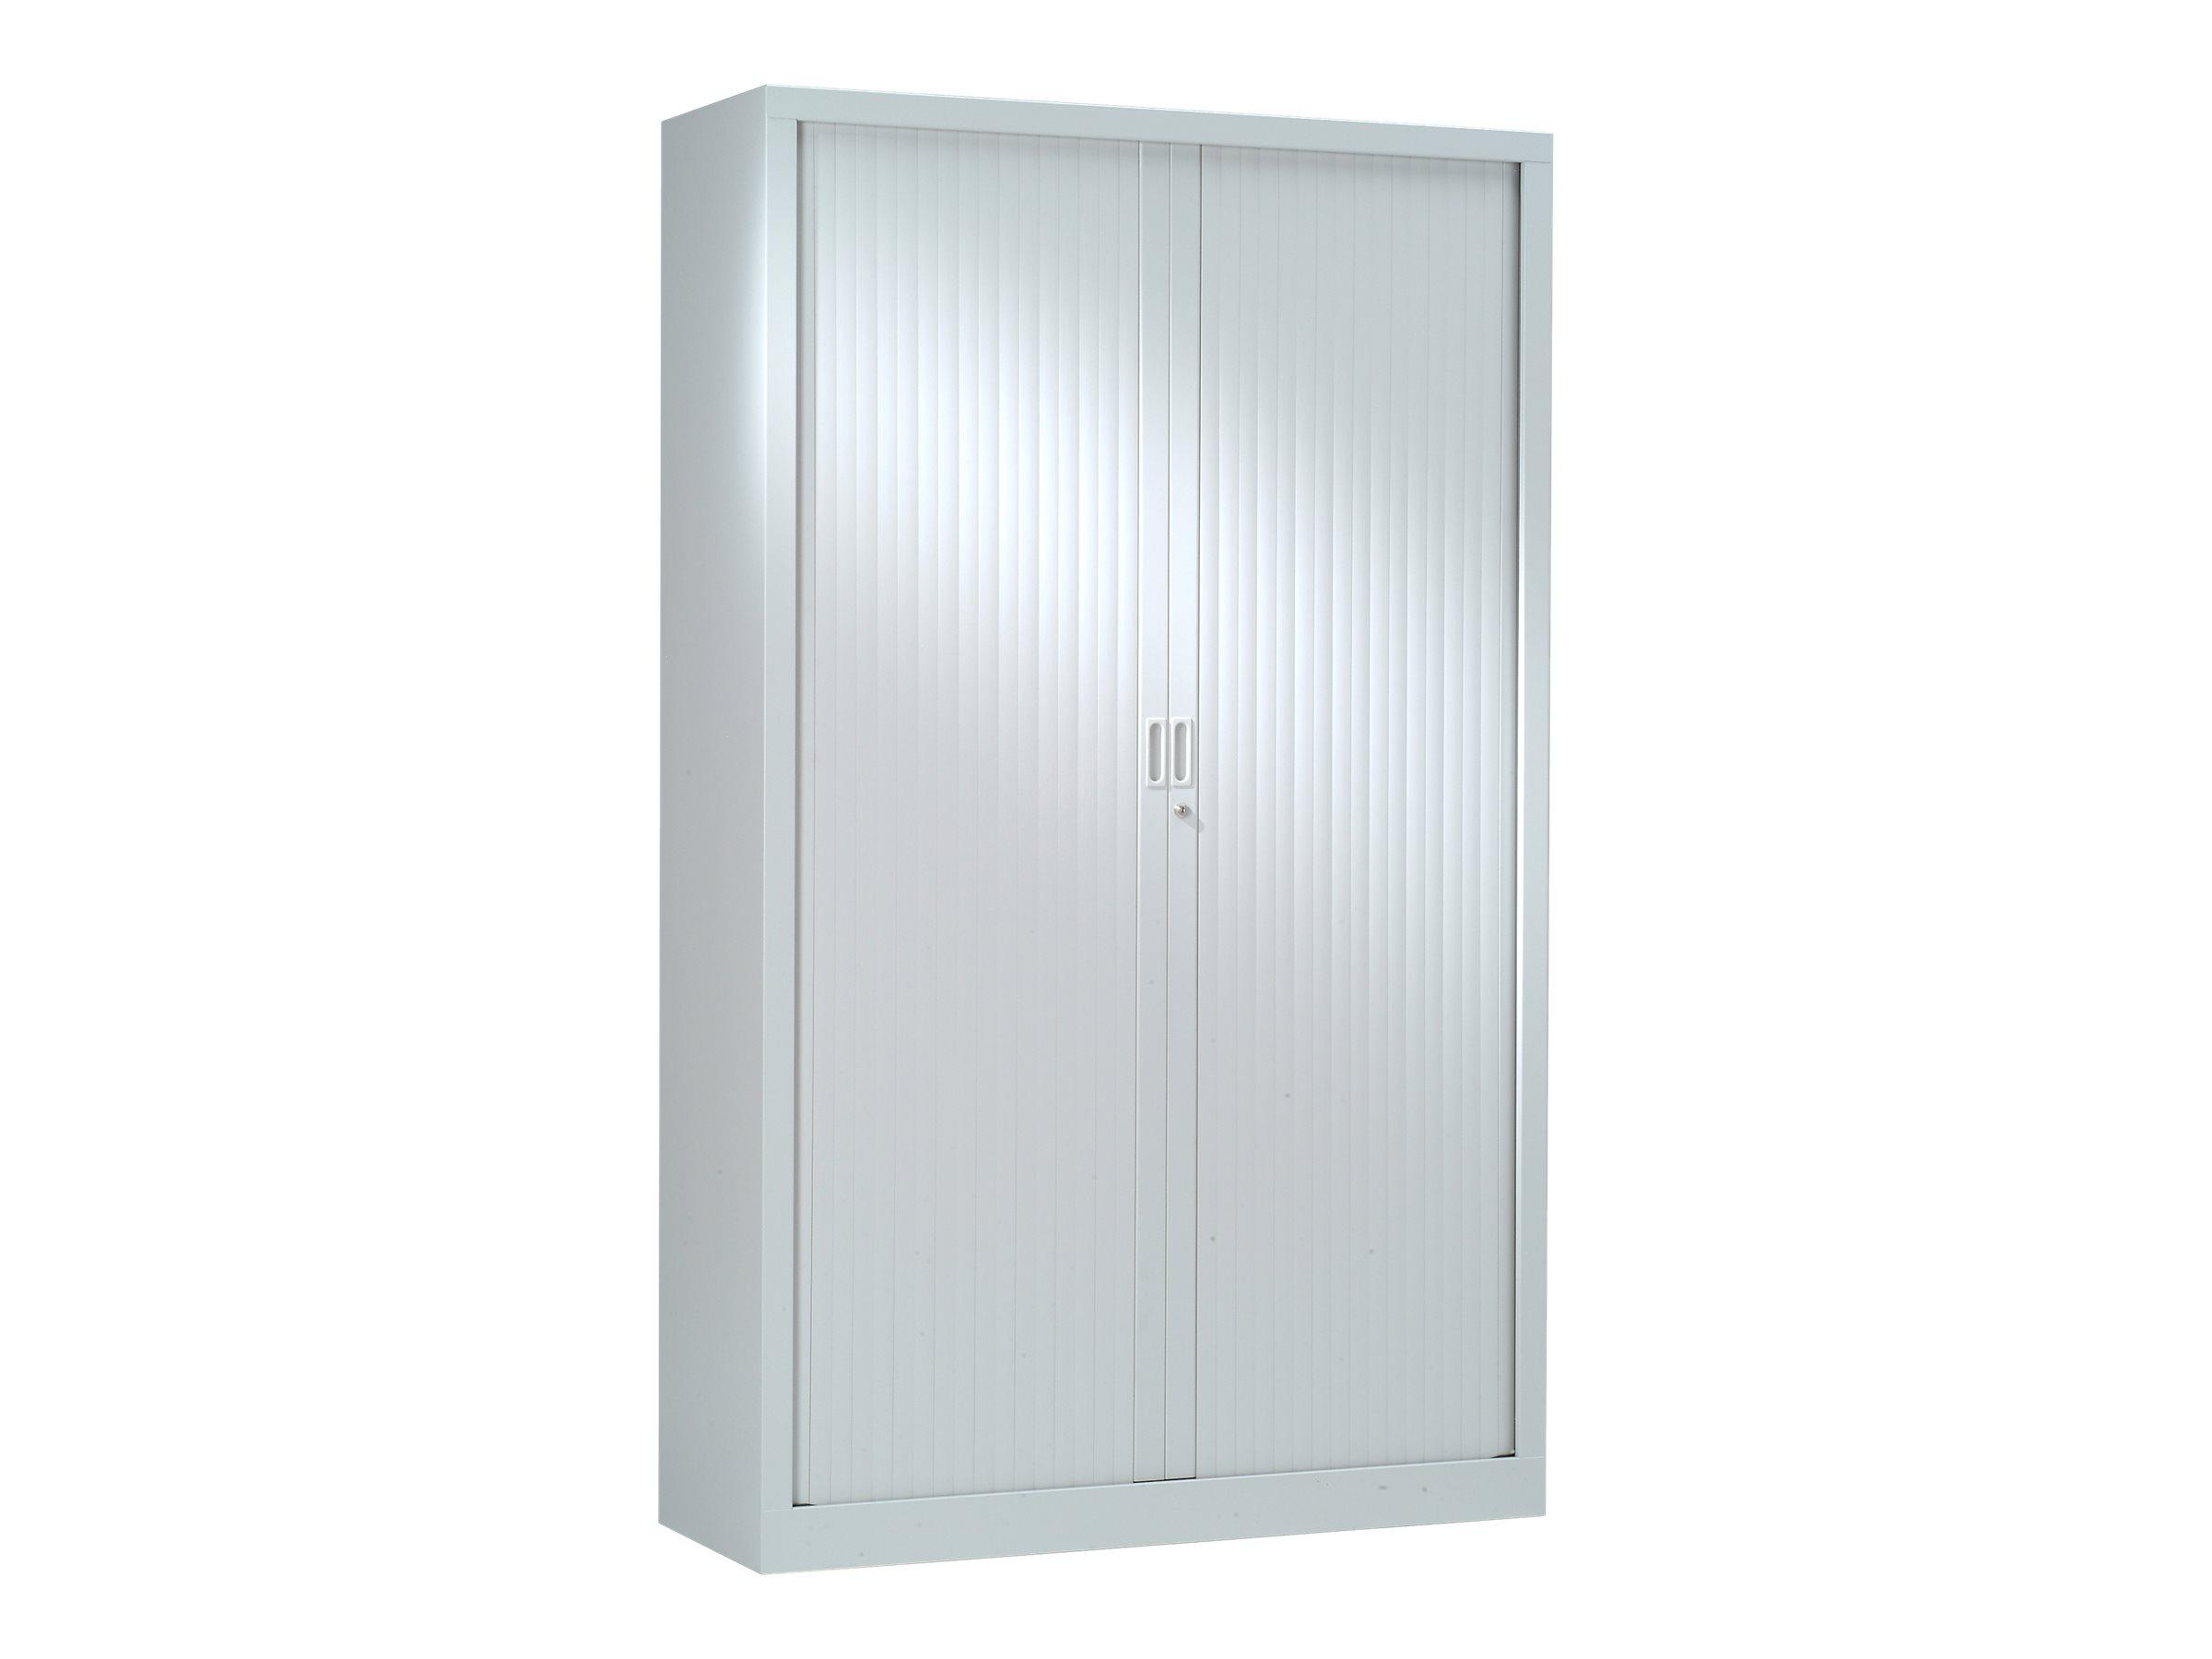 Armoire haute monobloc à rideaux GENERIC - 198 x 120 x 43 cm - gris